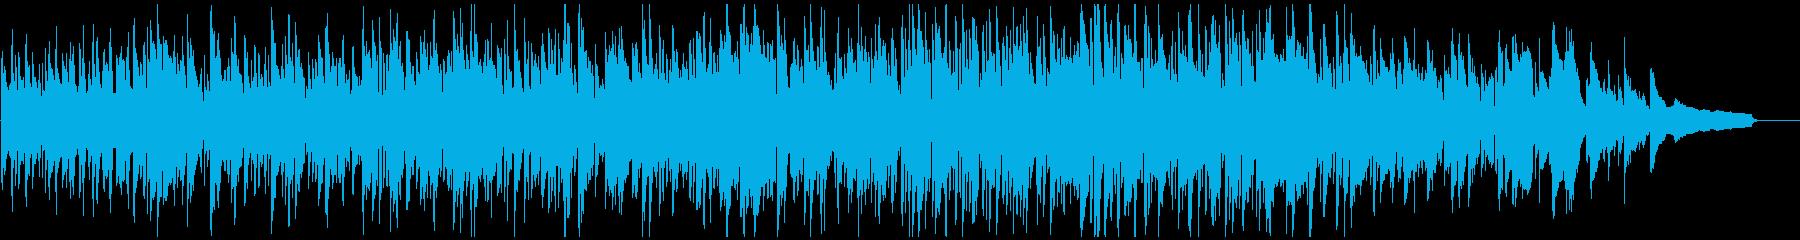 メロディアスで穏やかなボサノバ・ジャズの再生済みの波形